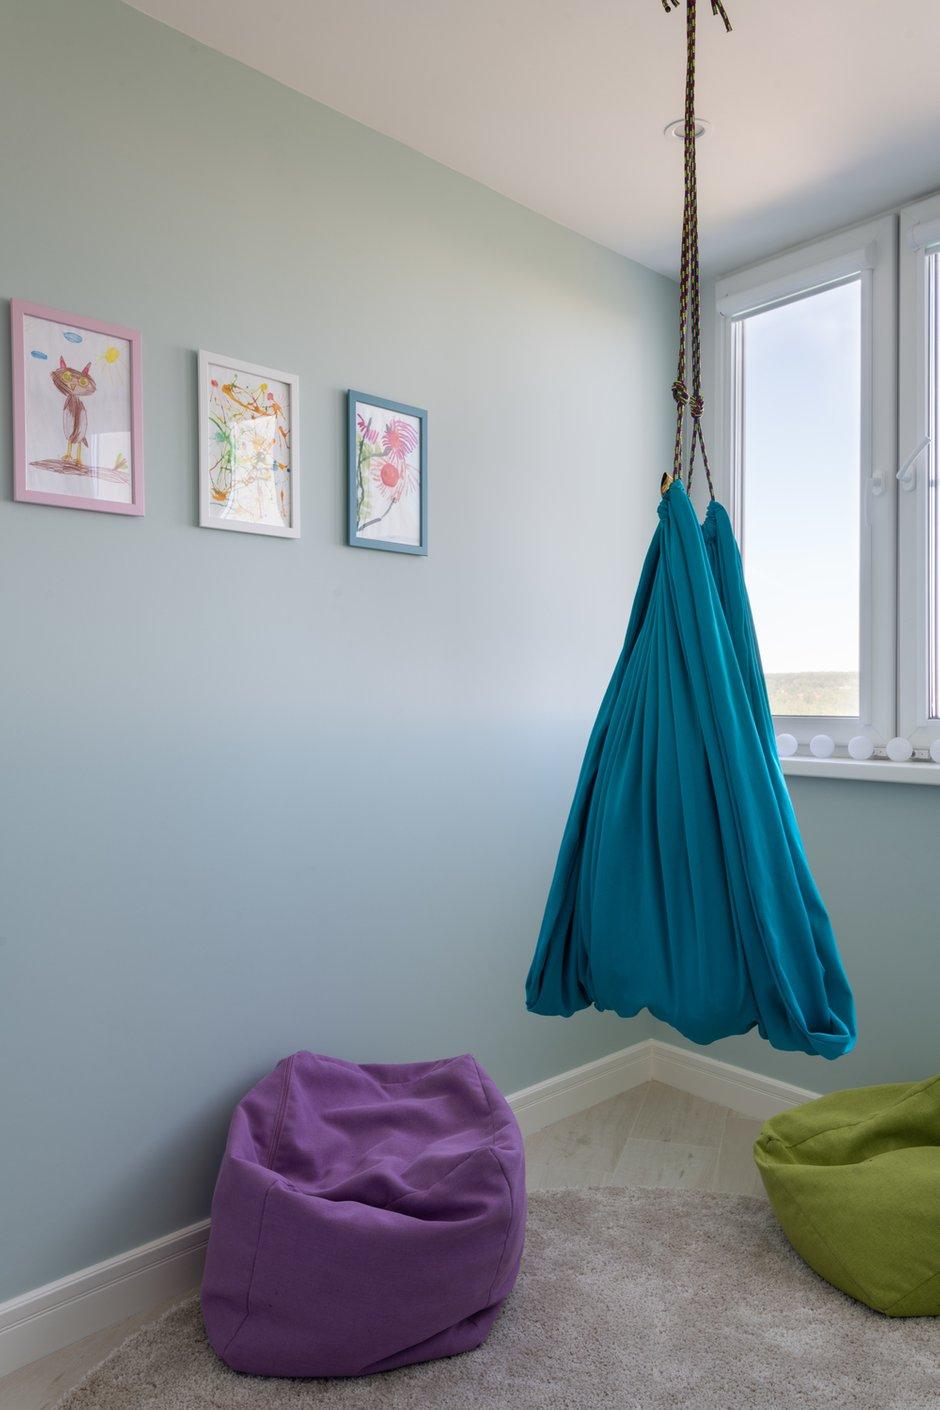 Фотография: Детская в стиле Современный, Квартира, Проект недели, Москва, 4 и больше, Более 90 метров, Мария Гульбекян – фото на INMYROOM